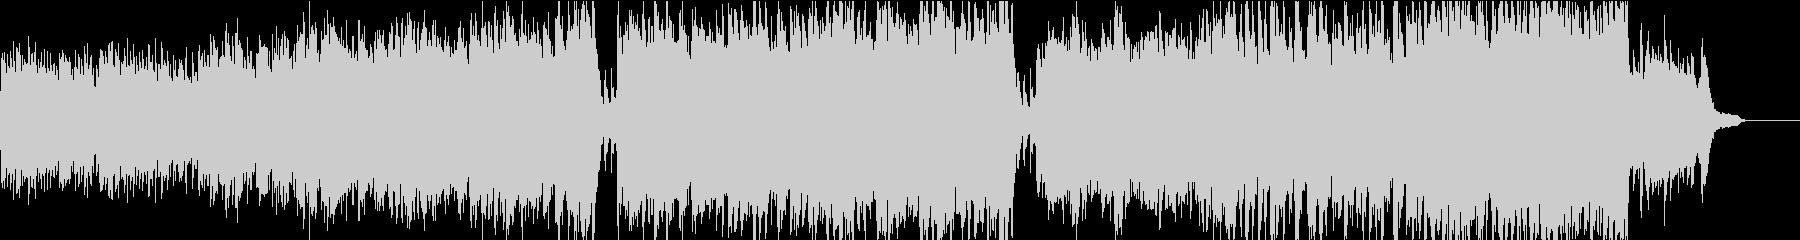 ハリウッド風ピアノ+オケ4 Pf&Strの未再生の波形